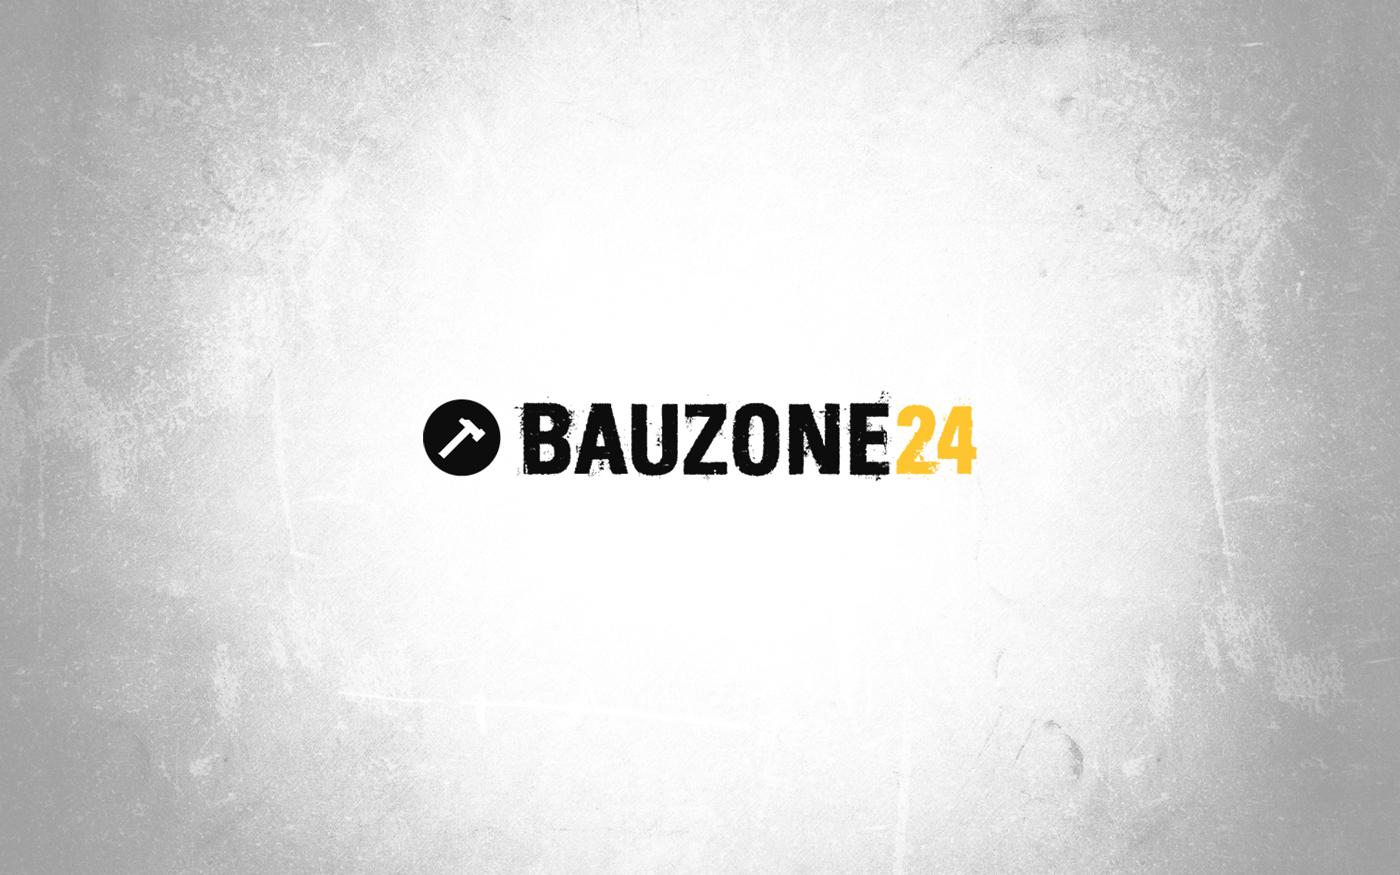 Bauzone24.de – Mein Haus. Mein Garten. Mein Online-Shop.